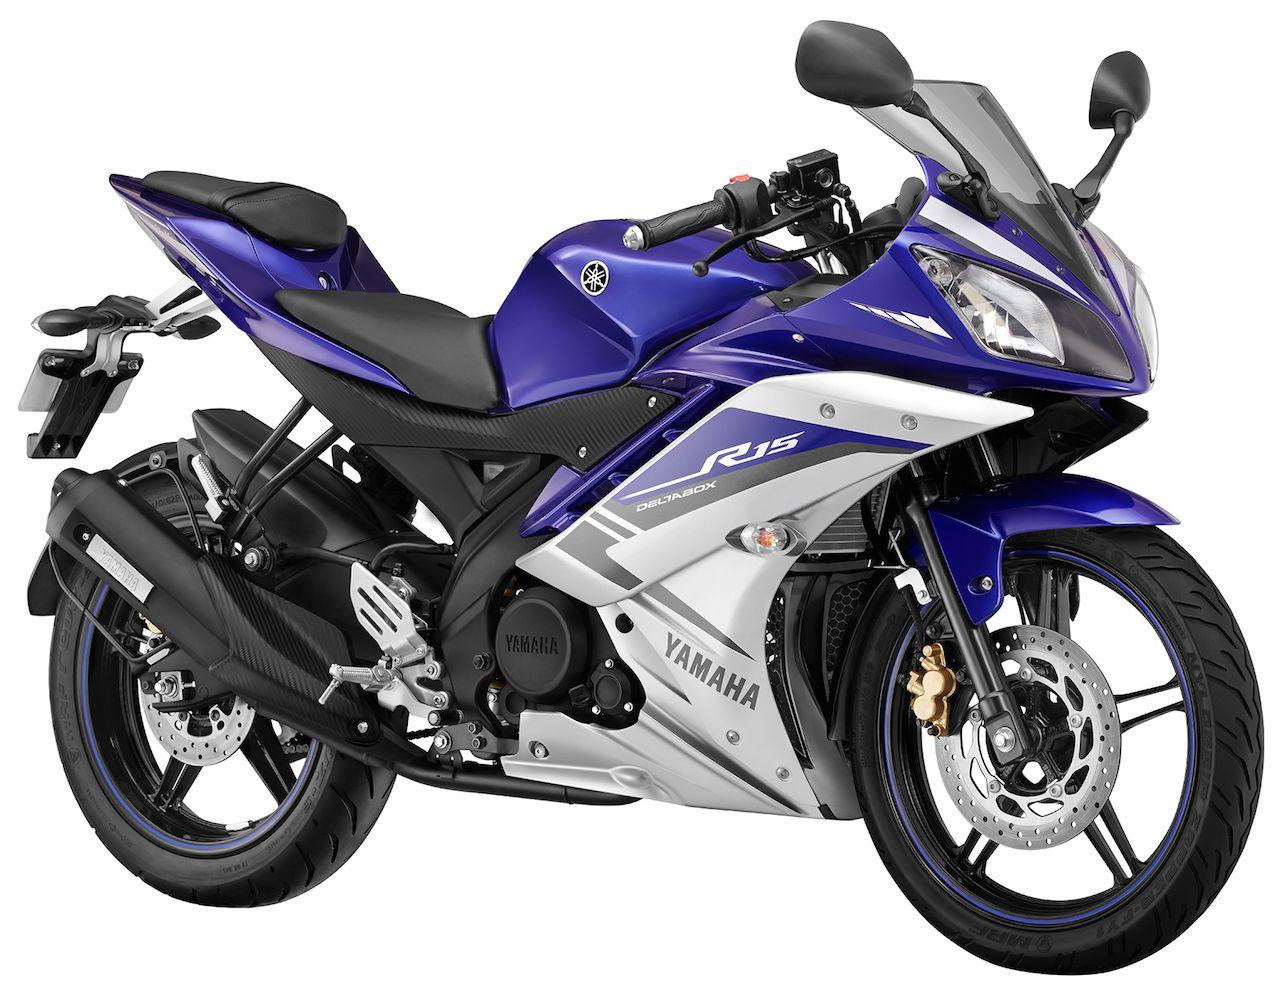 Yamaha R15 V2 0 Gets New Color Options Yamaha Yzf R15 Yamaha